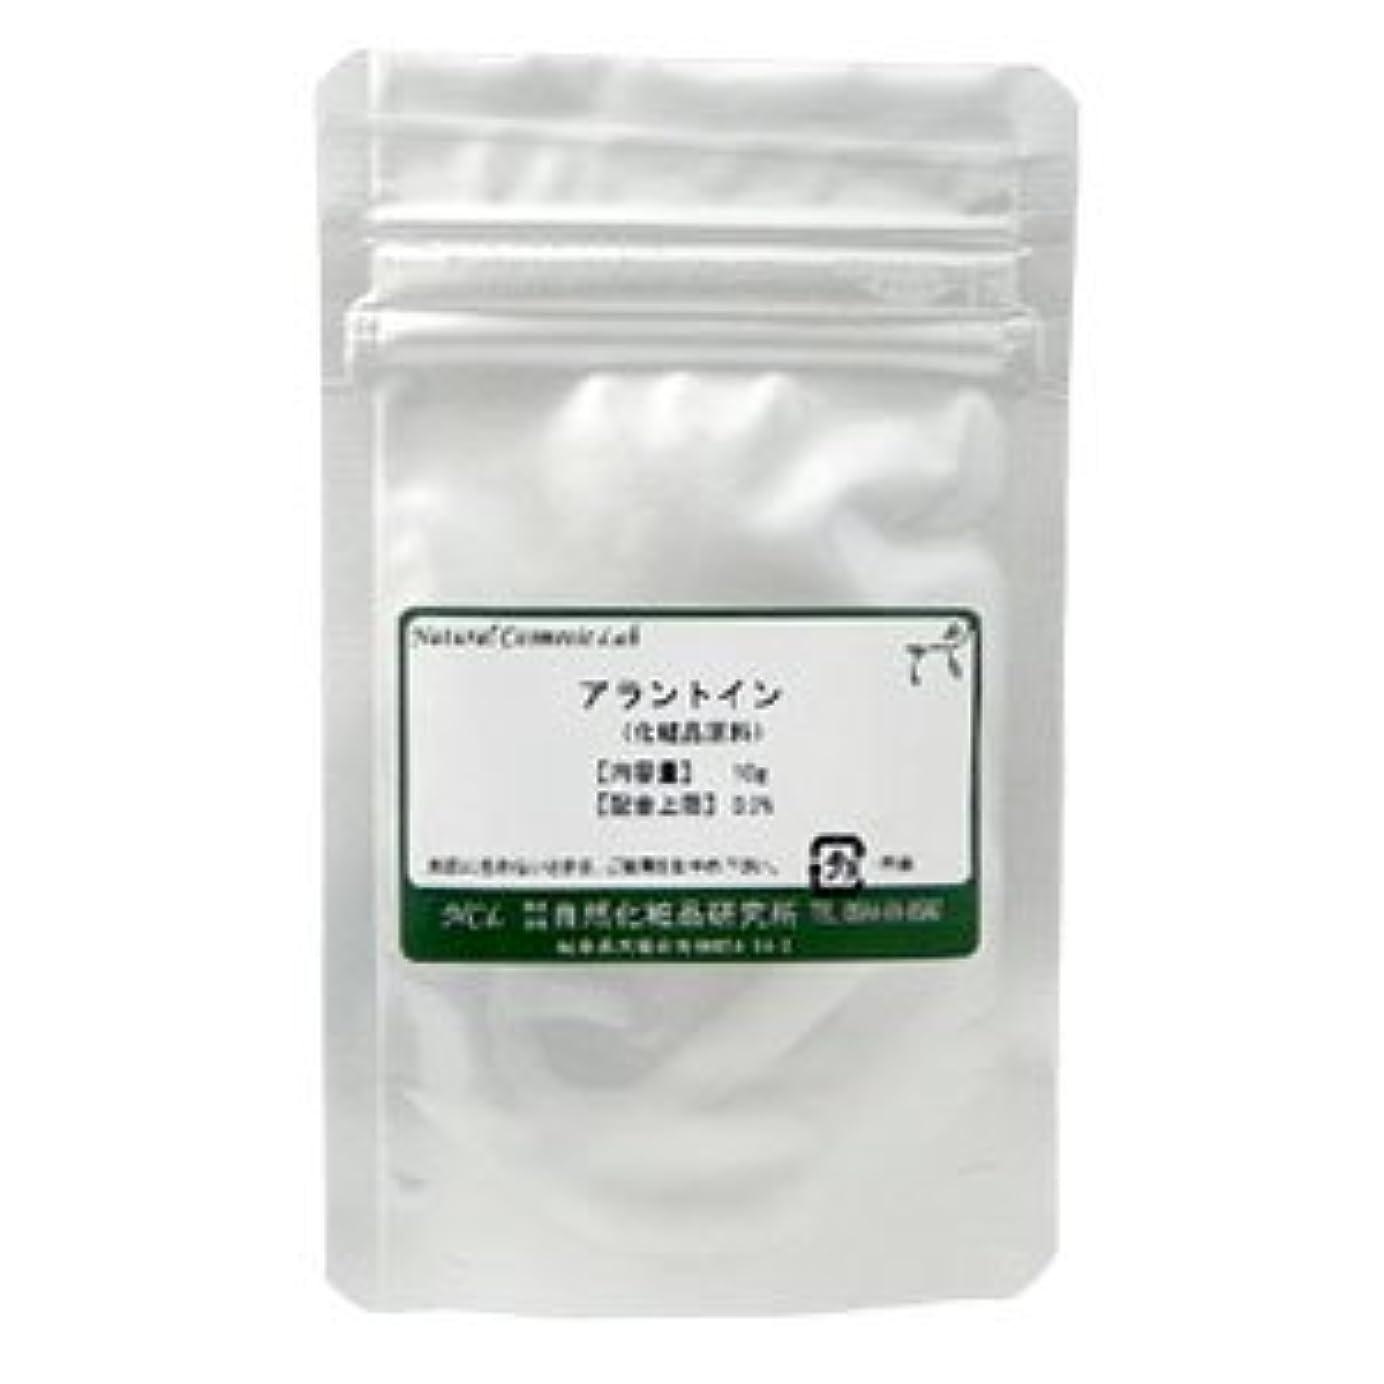 ショップピラミッド細部アラントイン 10g 【手作り化粧品原料】